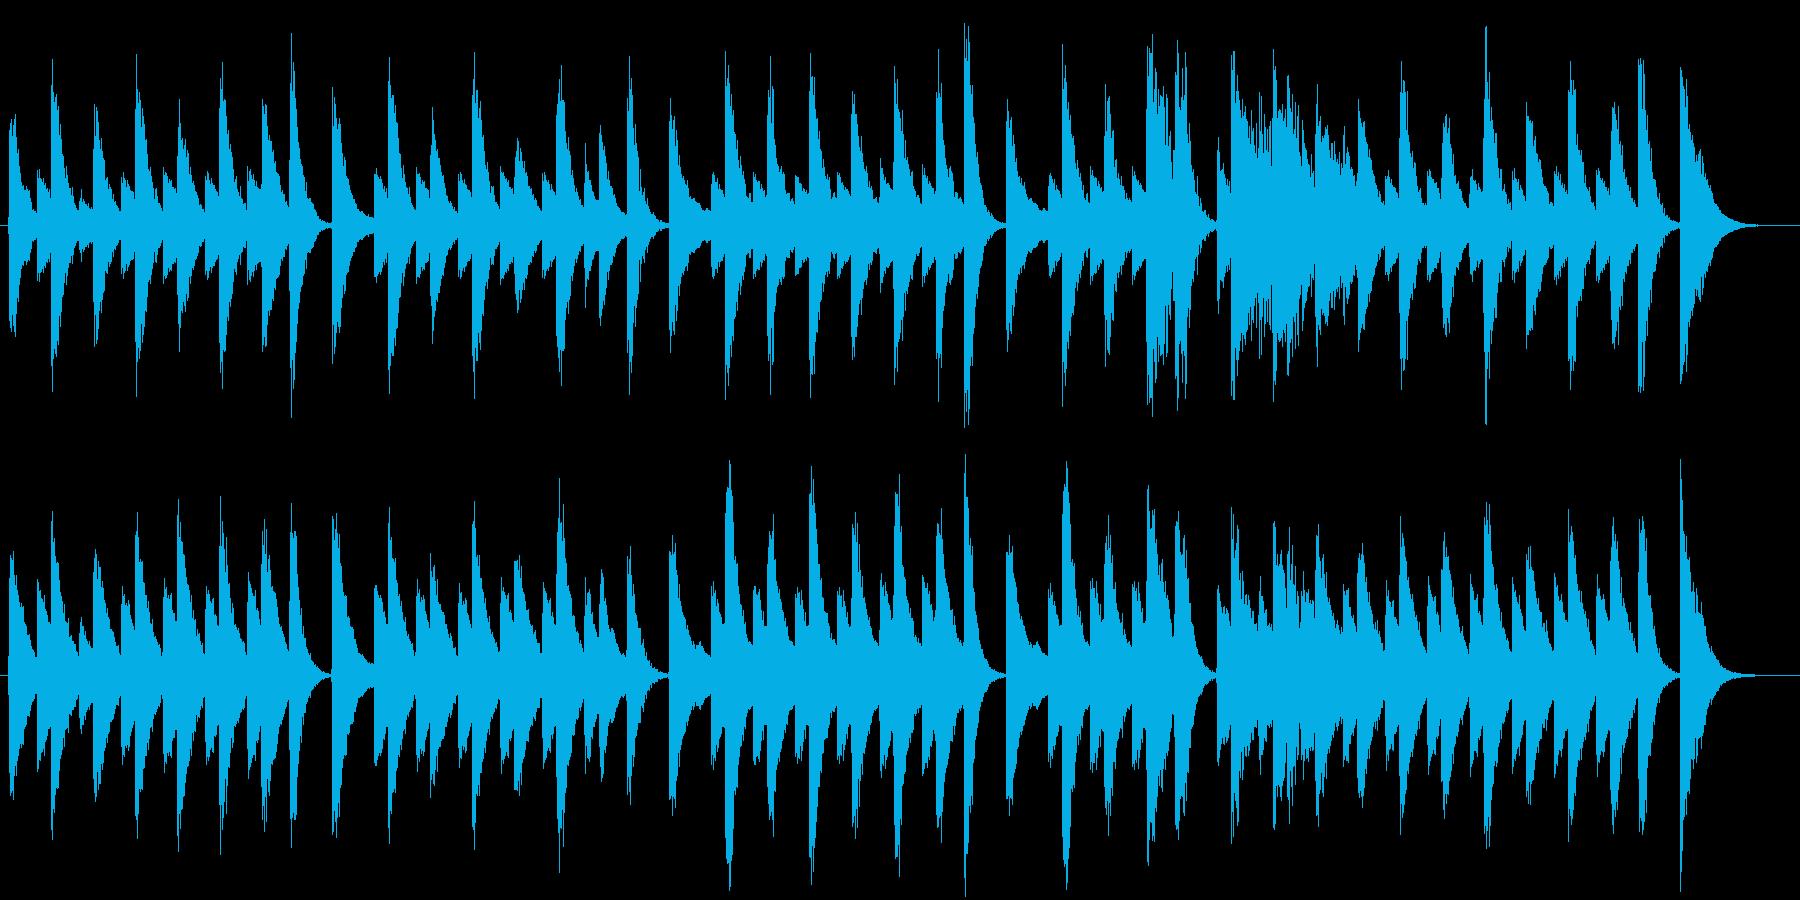 クッキング動画に♪のんびりピアノジングルの再生済みの波形